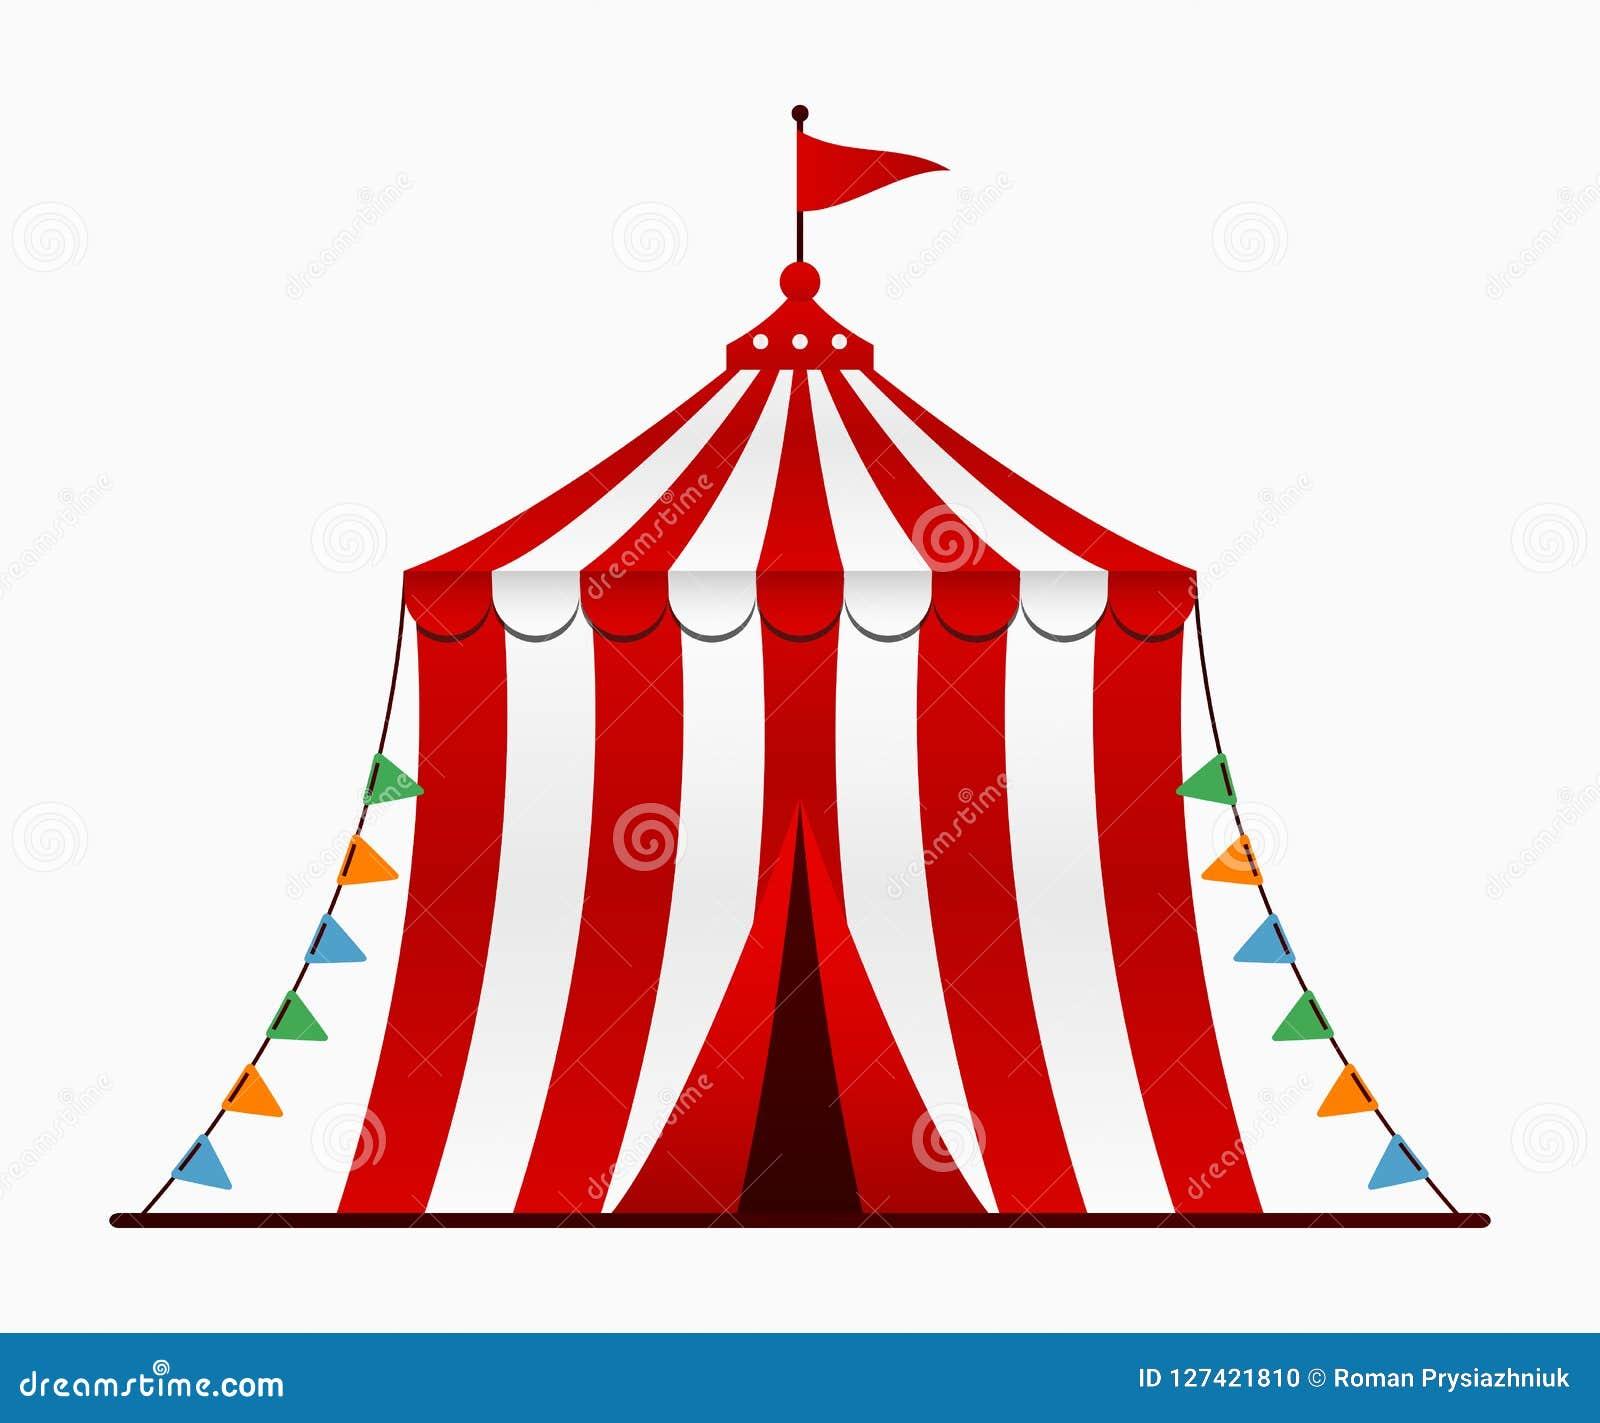 Tenda Do Circus Arena Do Circo Com Uma Abobada No Estilo Dos